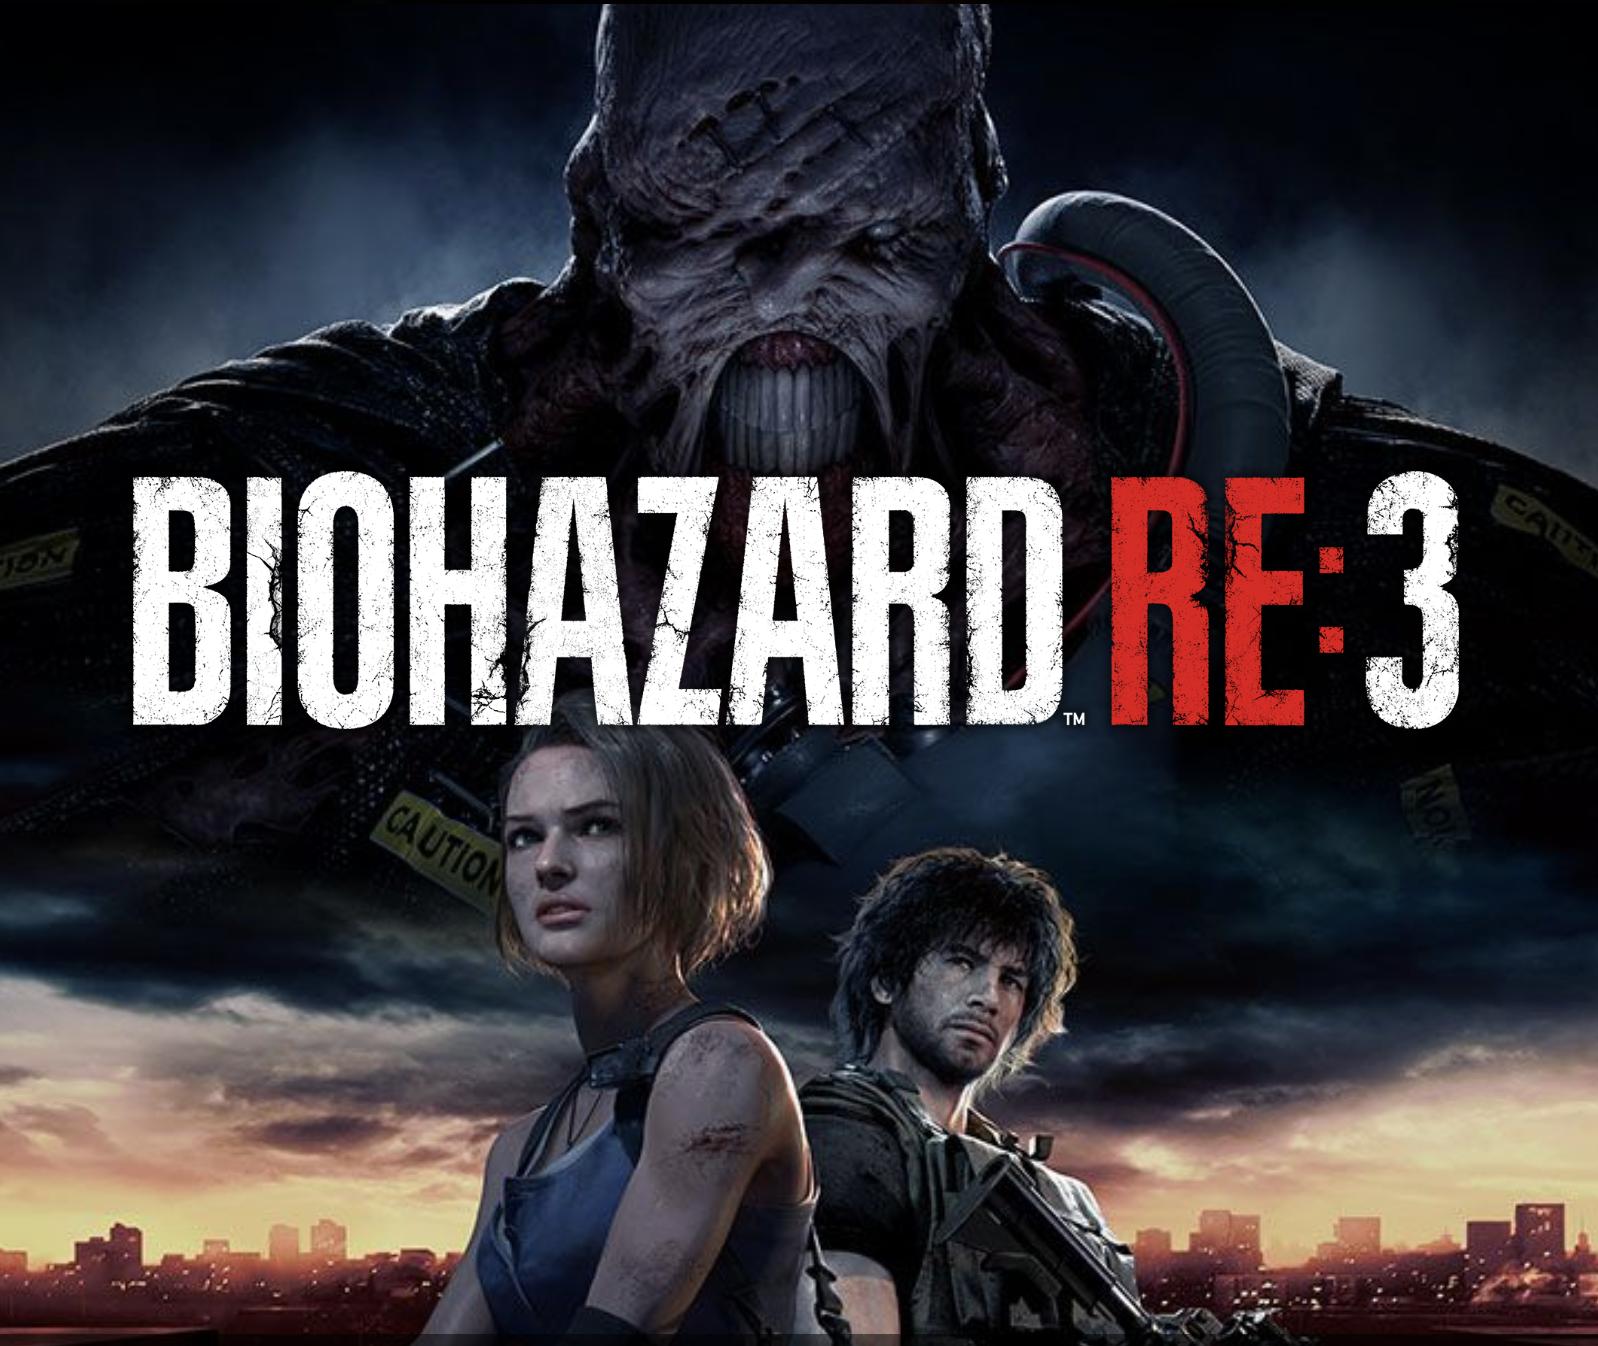 【バイオハザード RE3】発売日はいつ?ゲーム内容や限定特典、価格などの最新情報